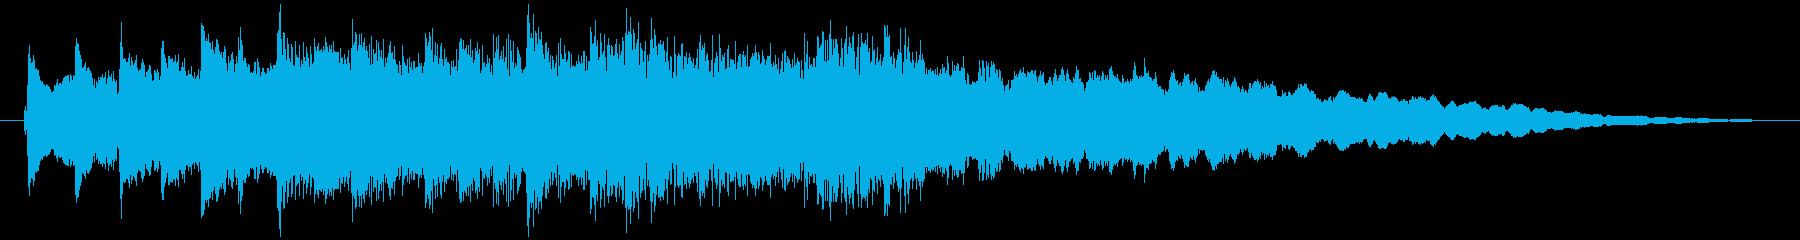 琴・尺八、風流で伝統的な純和風ロゴの再生済みの波形